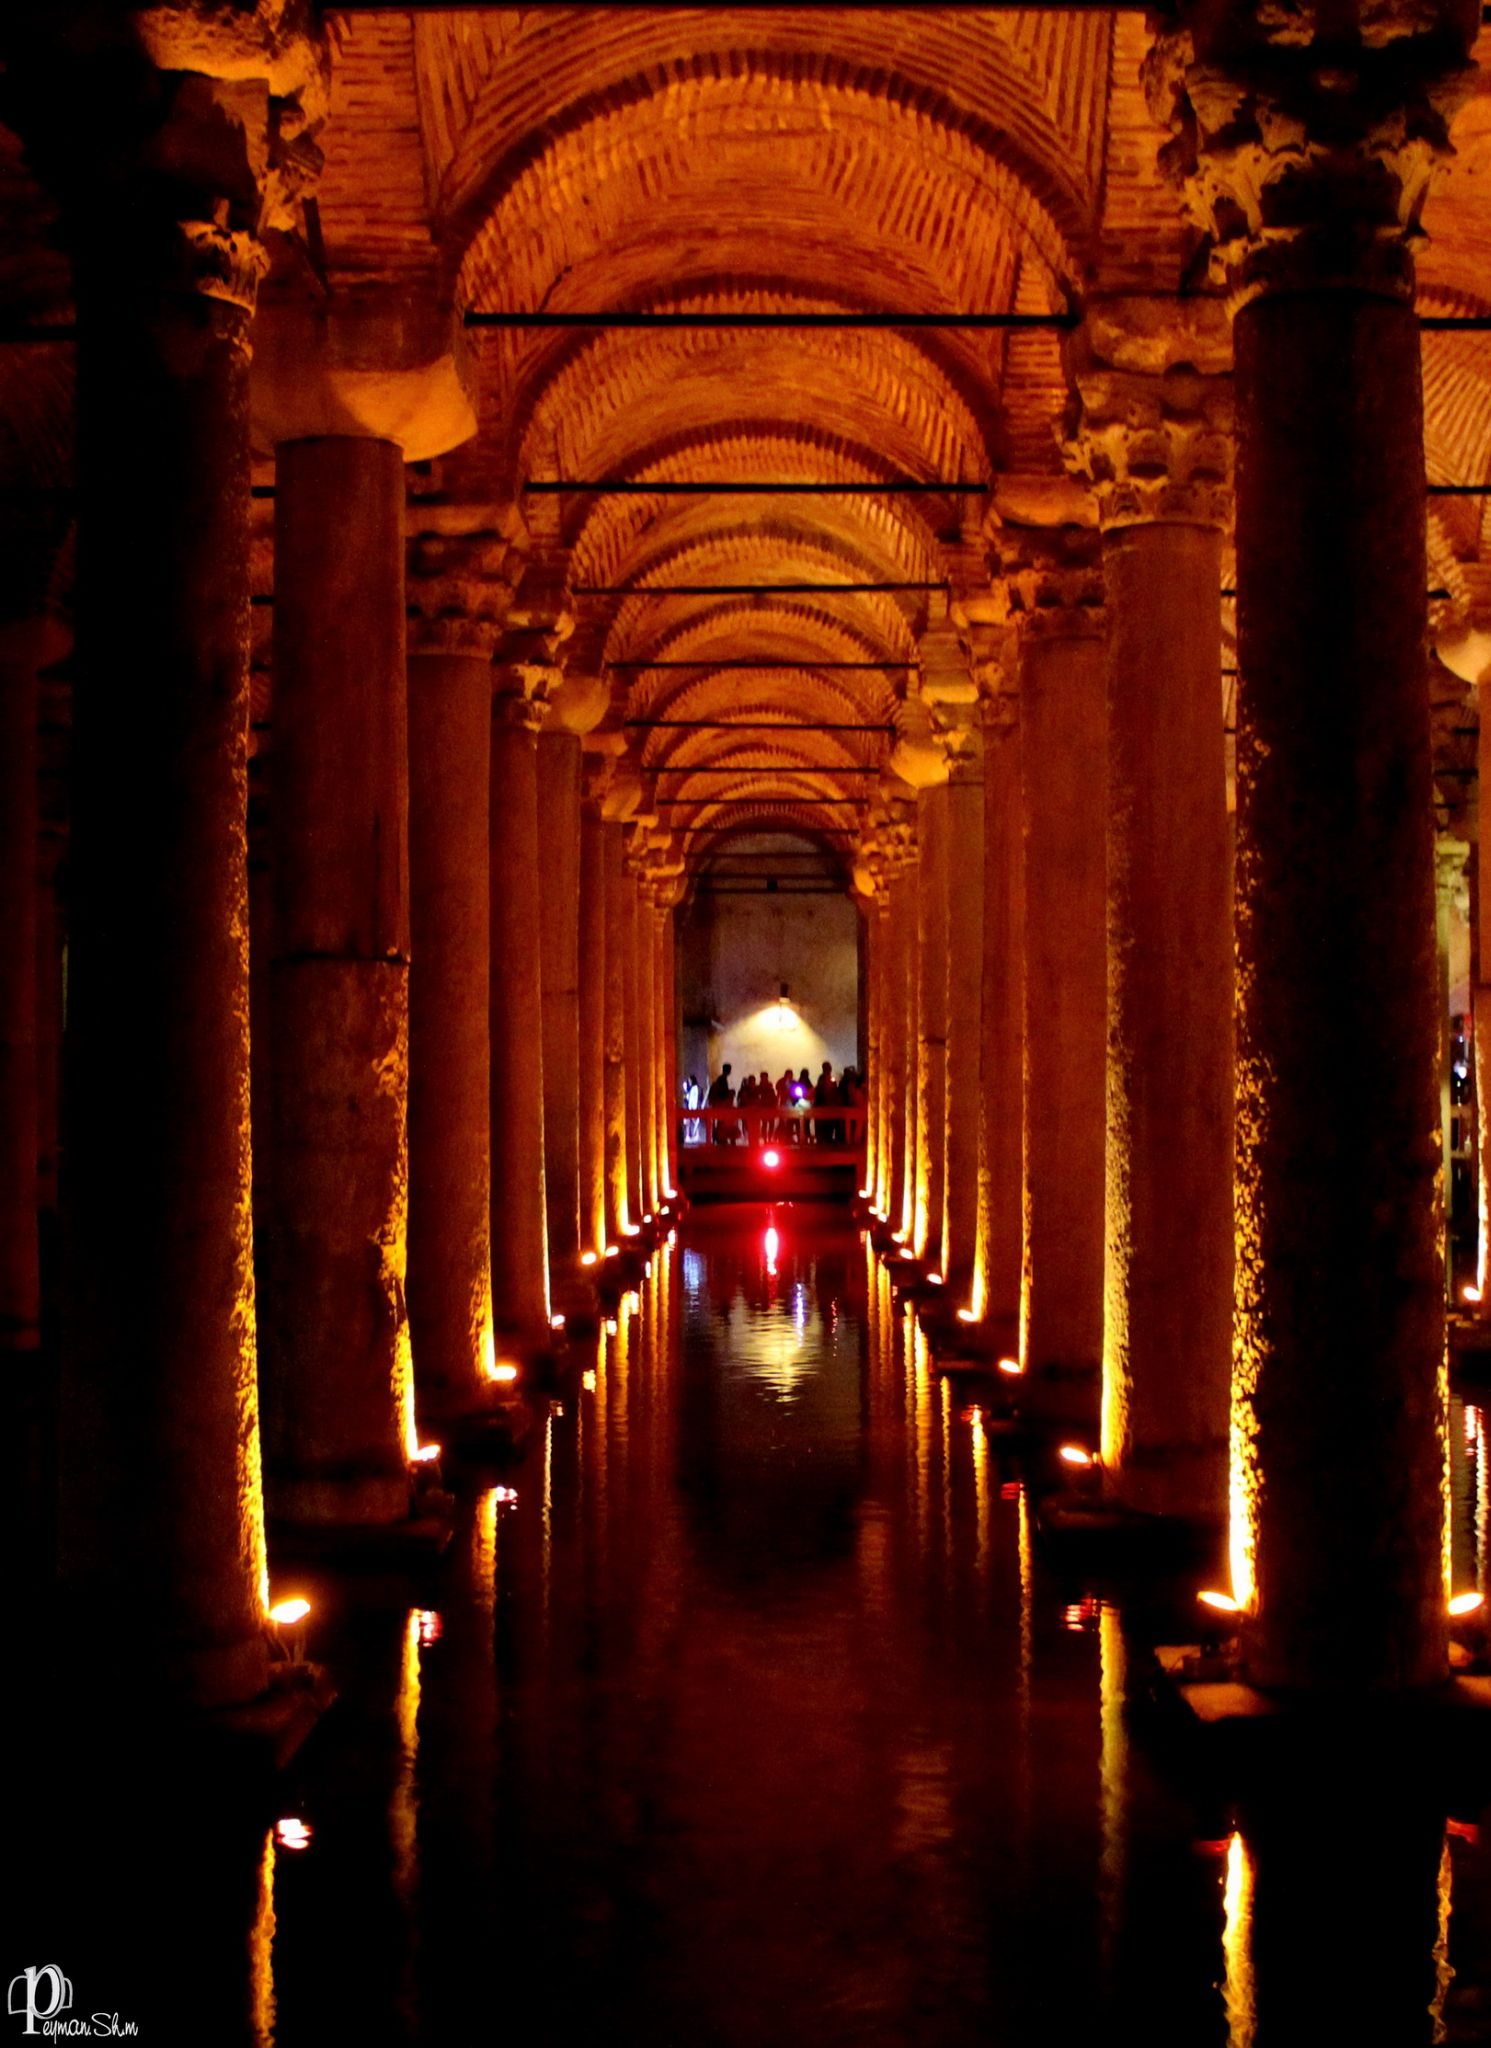 Istanbul-Basilica cistern by Peyman shm